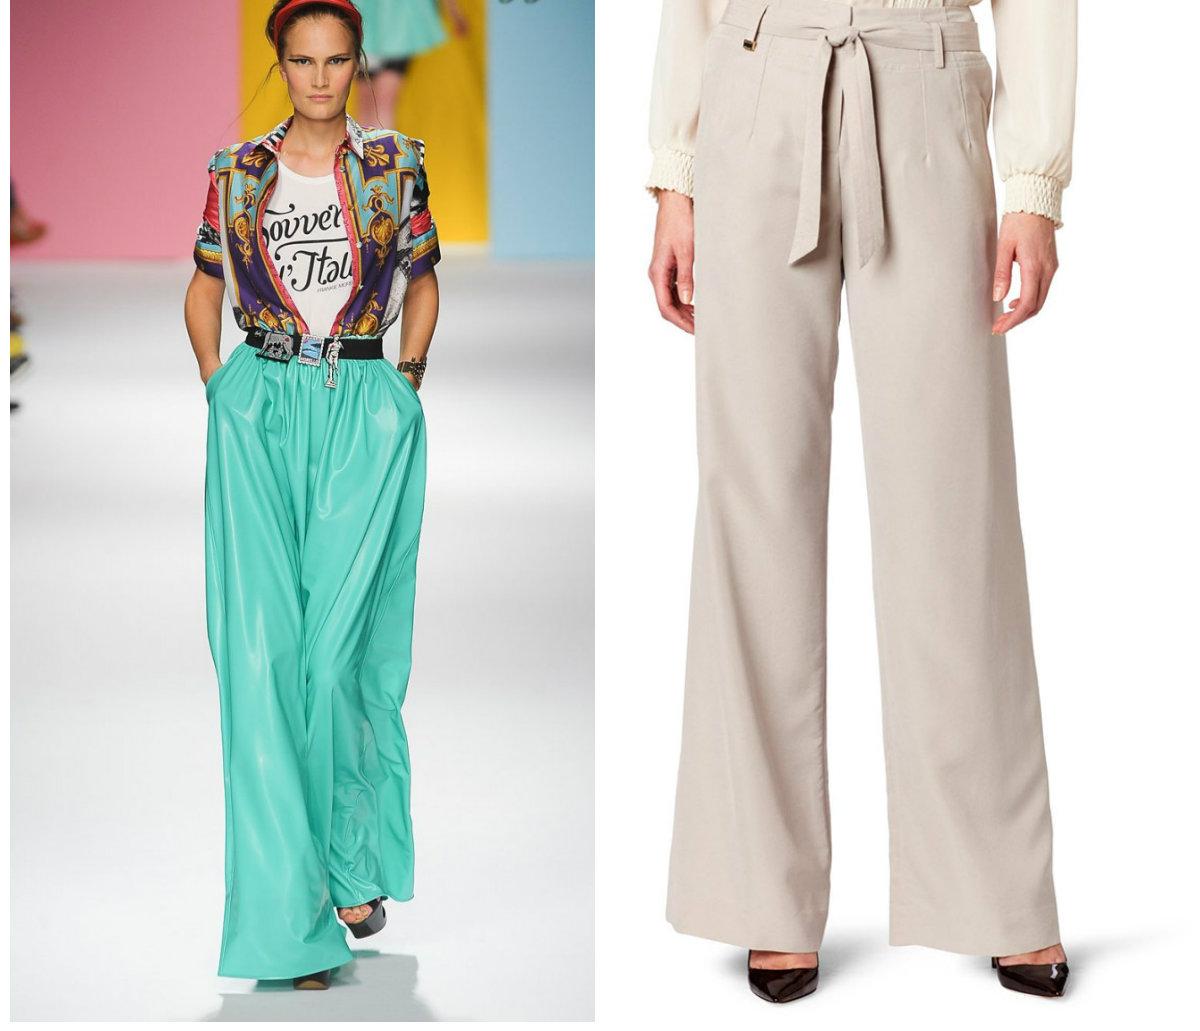 Брюки-женские-2017-года-модные-тенденции-фото-клеш-брюки женские 2017 года